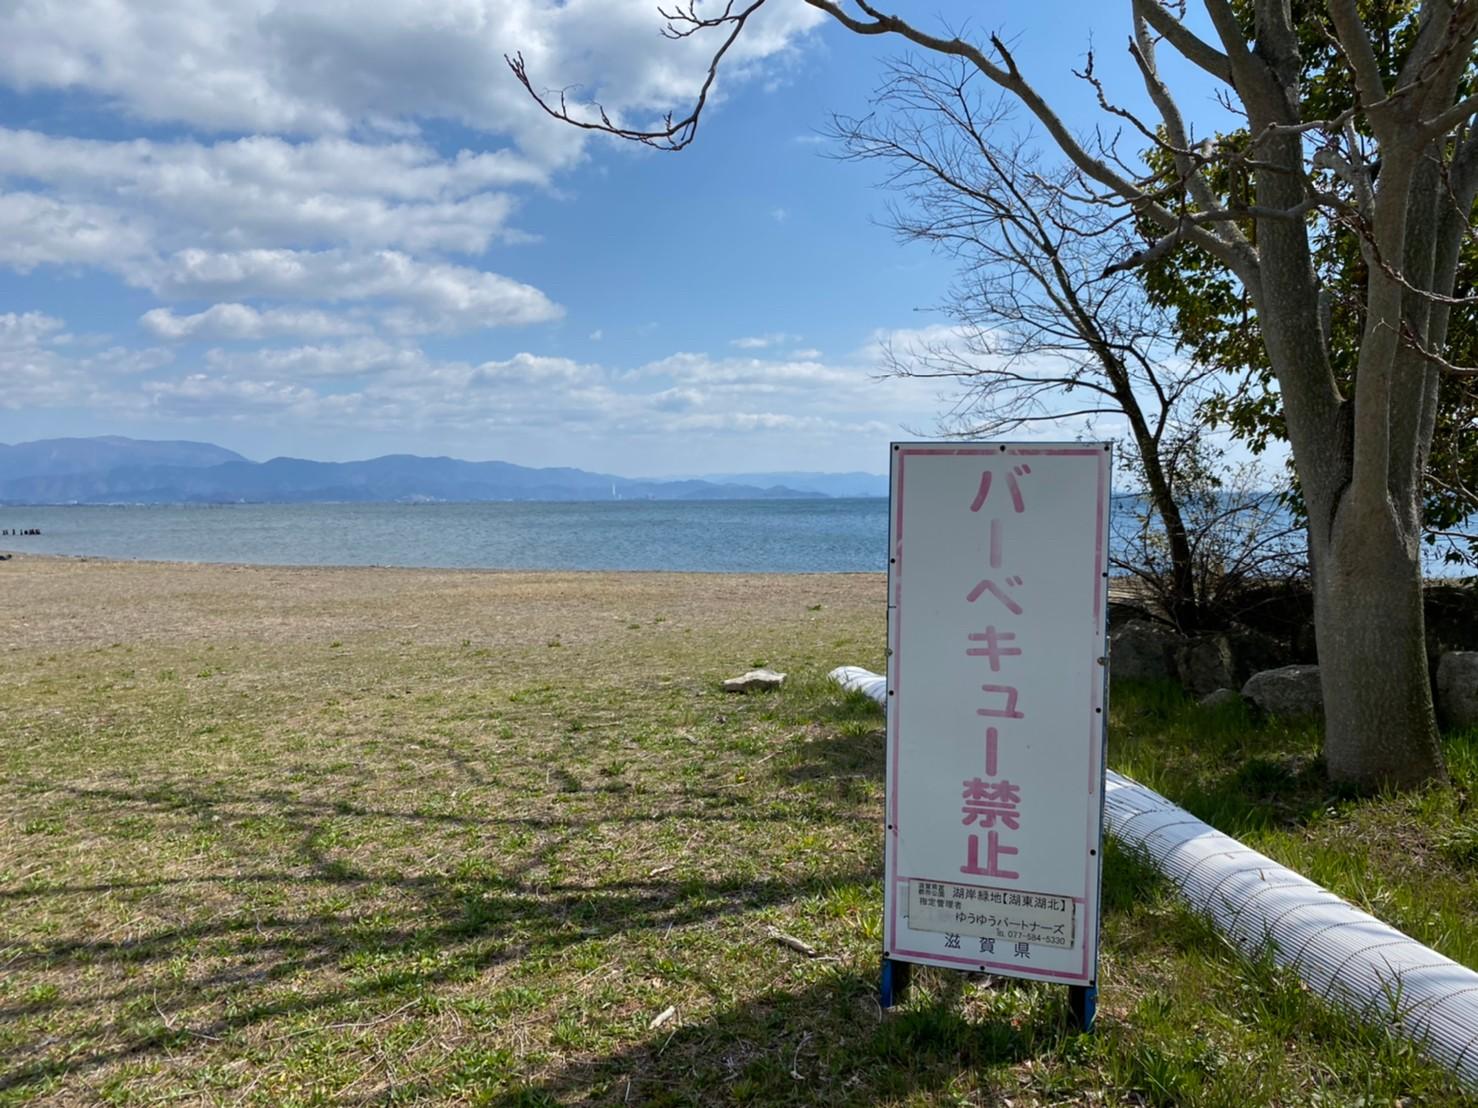 【長浜市】『南浜水泳場』のアウトドア